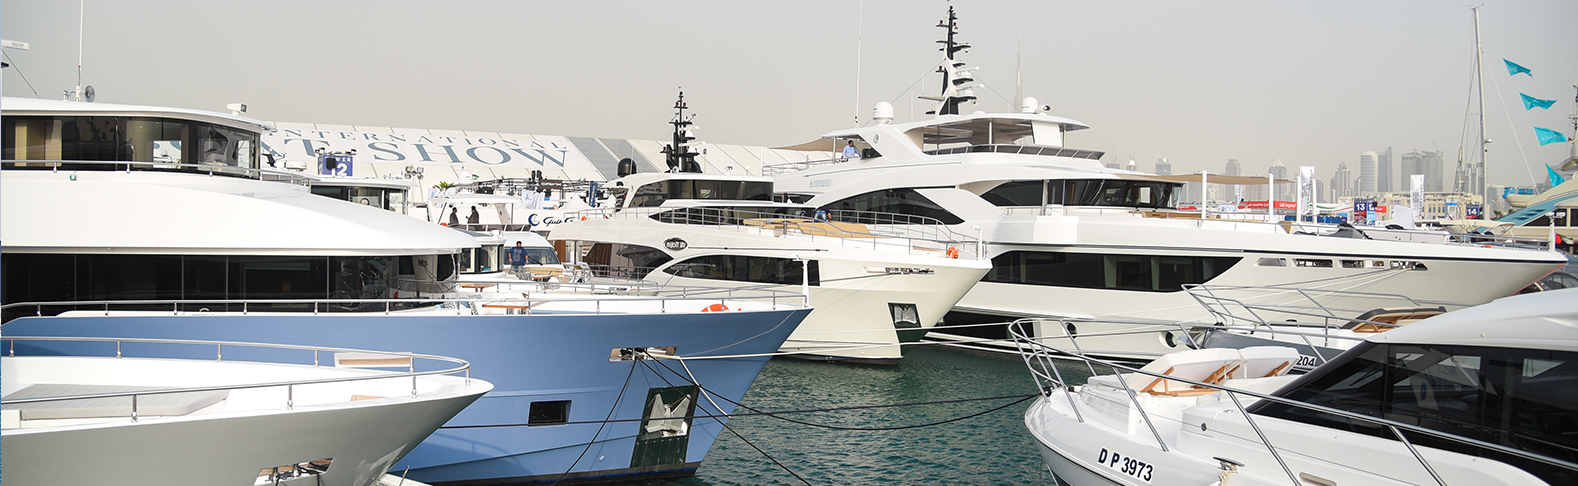 Gulf-Craft,-Dubai-Boat-Show-2019